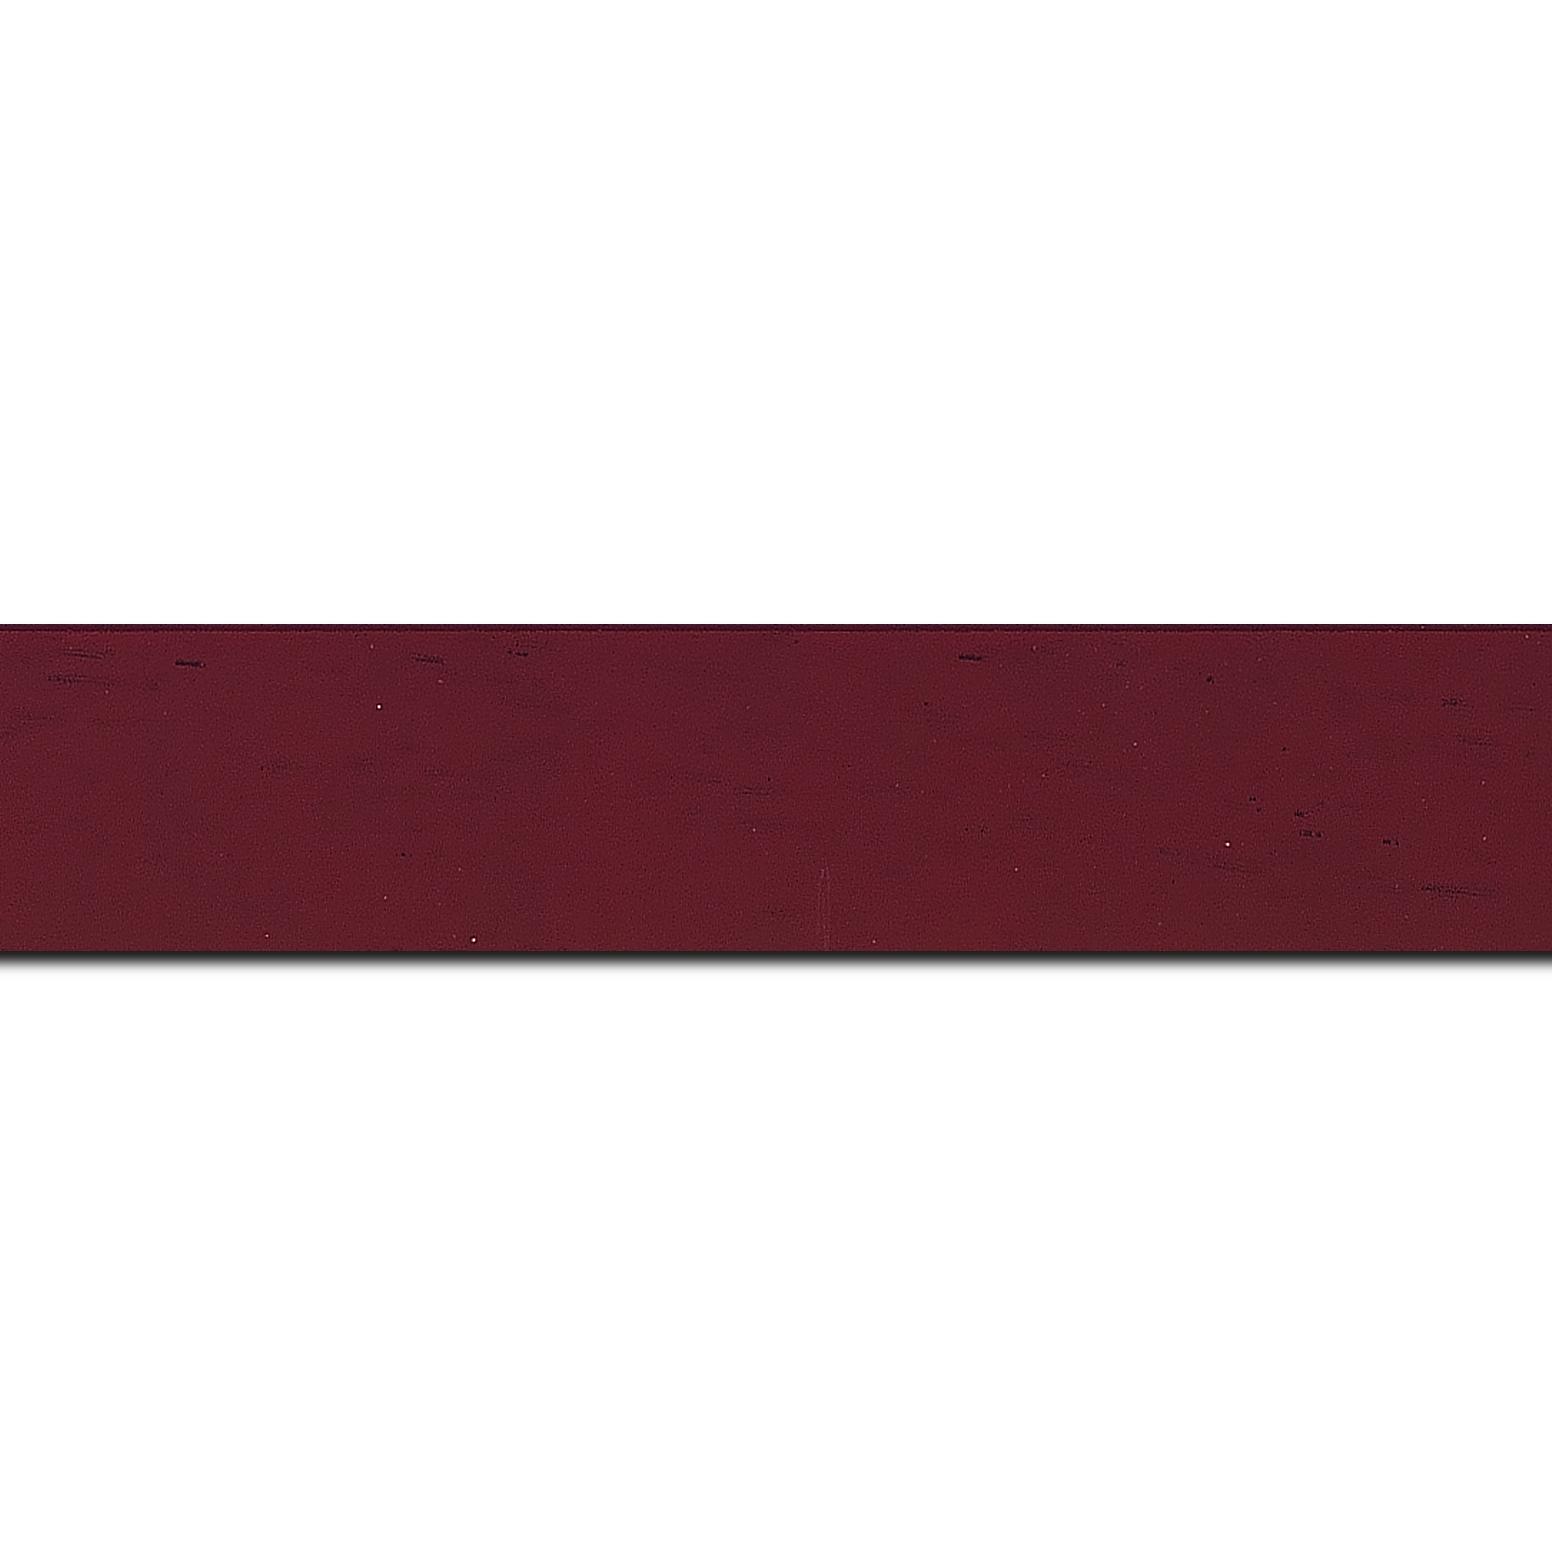 Baguette longueur 1.40m bois profil plat largeur 3cm couleur bordeaux satiné